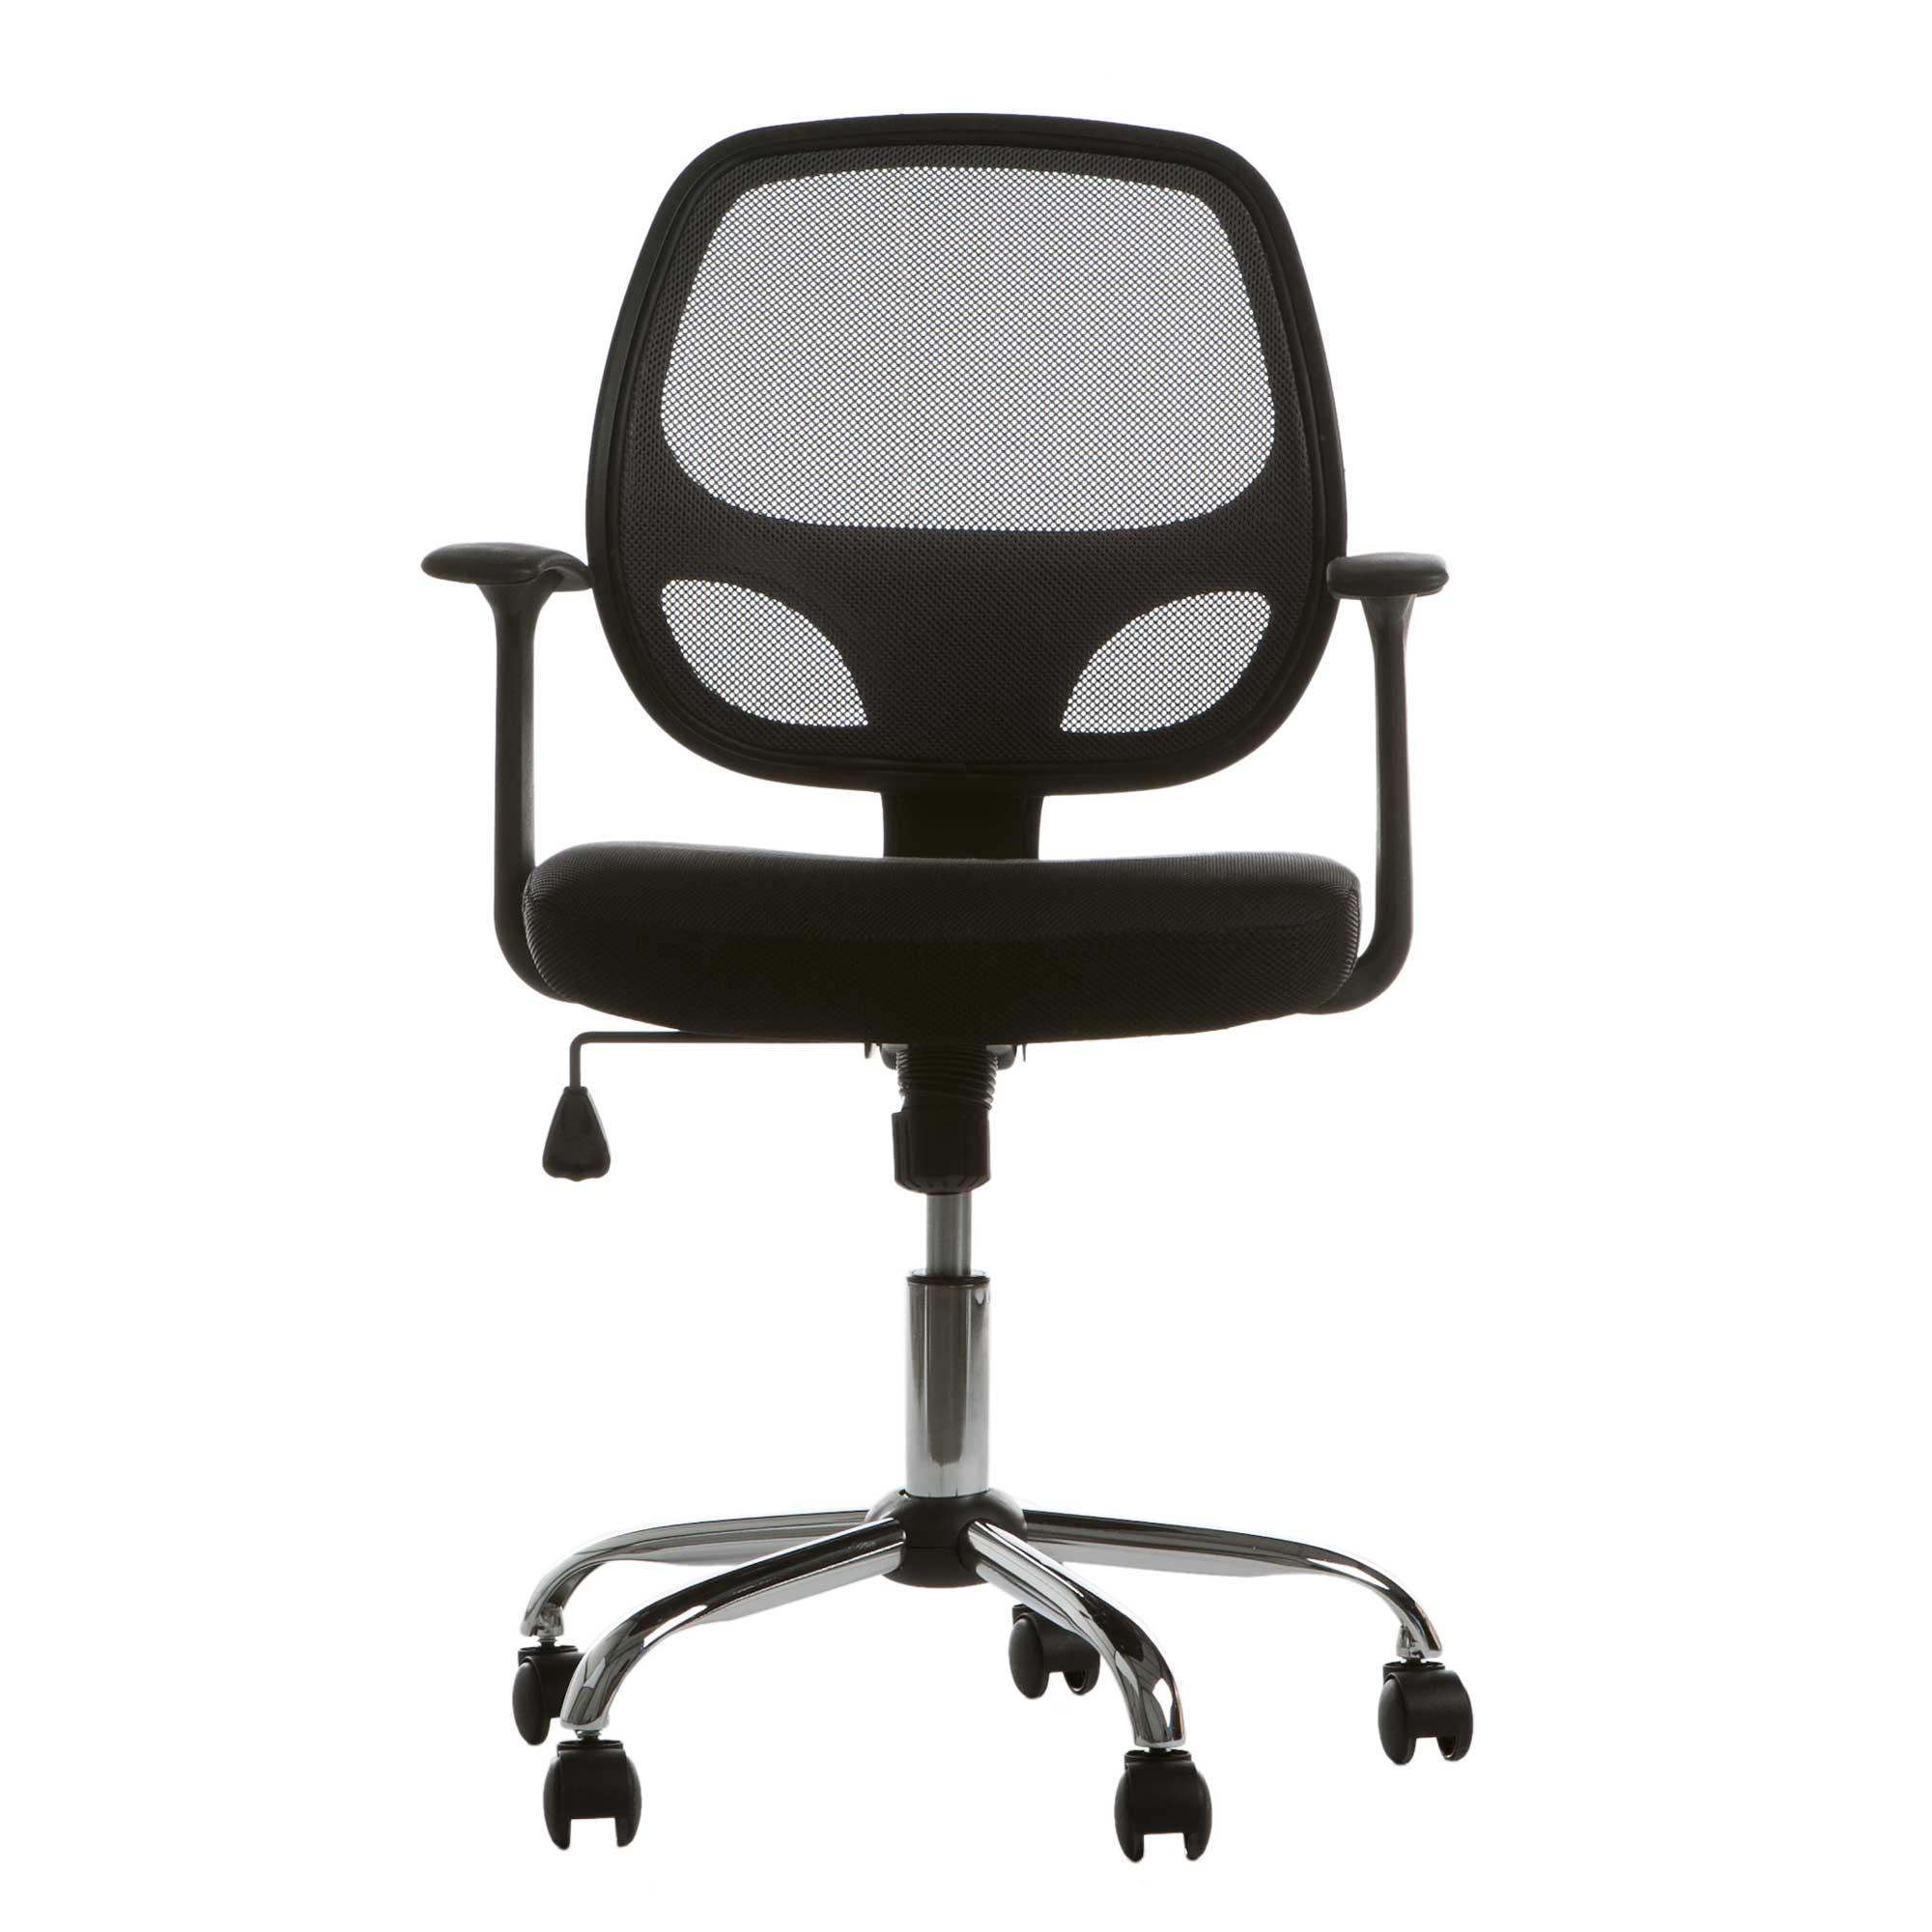 Chaise roulante pour bureau le monde de l a for Chaise roulante